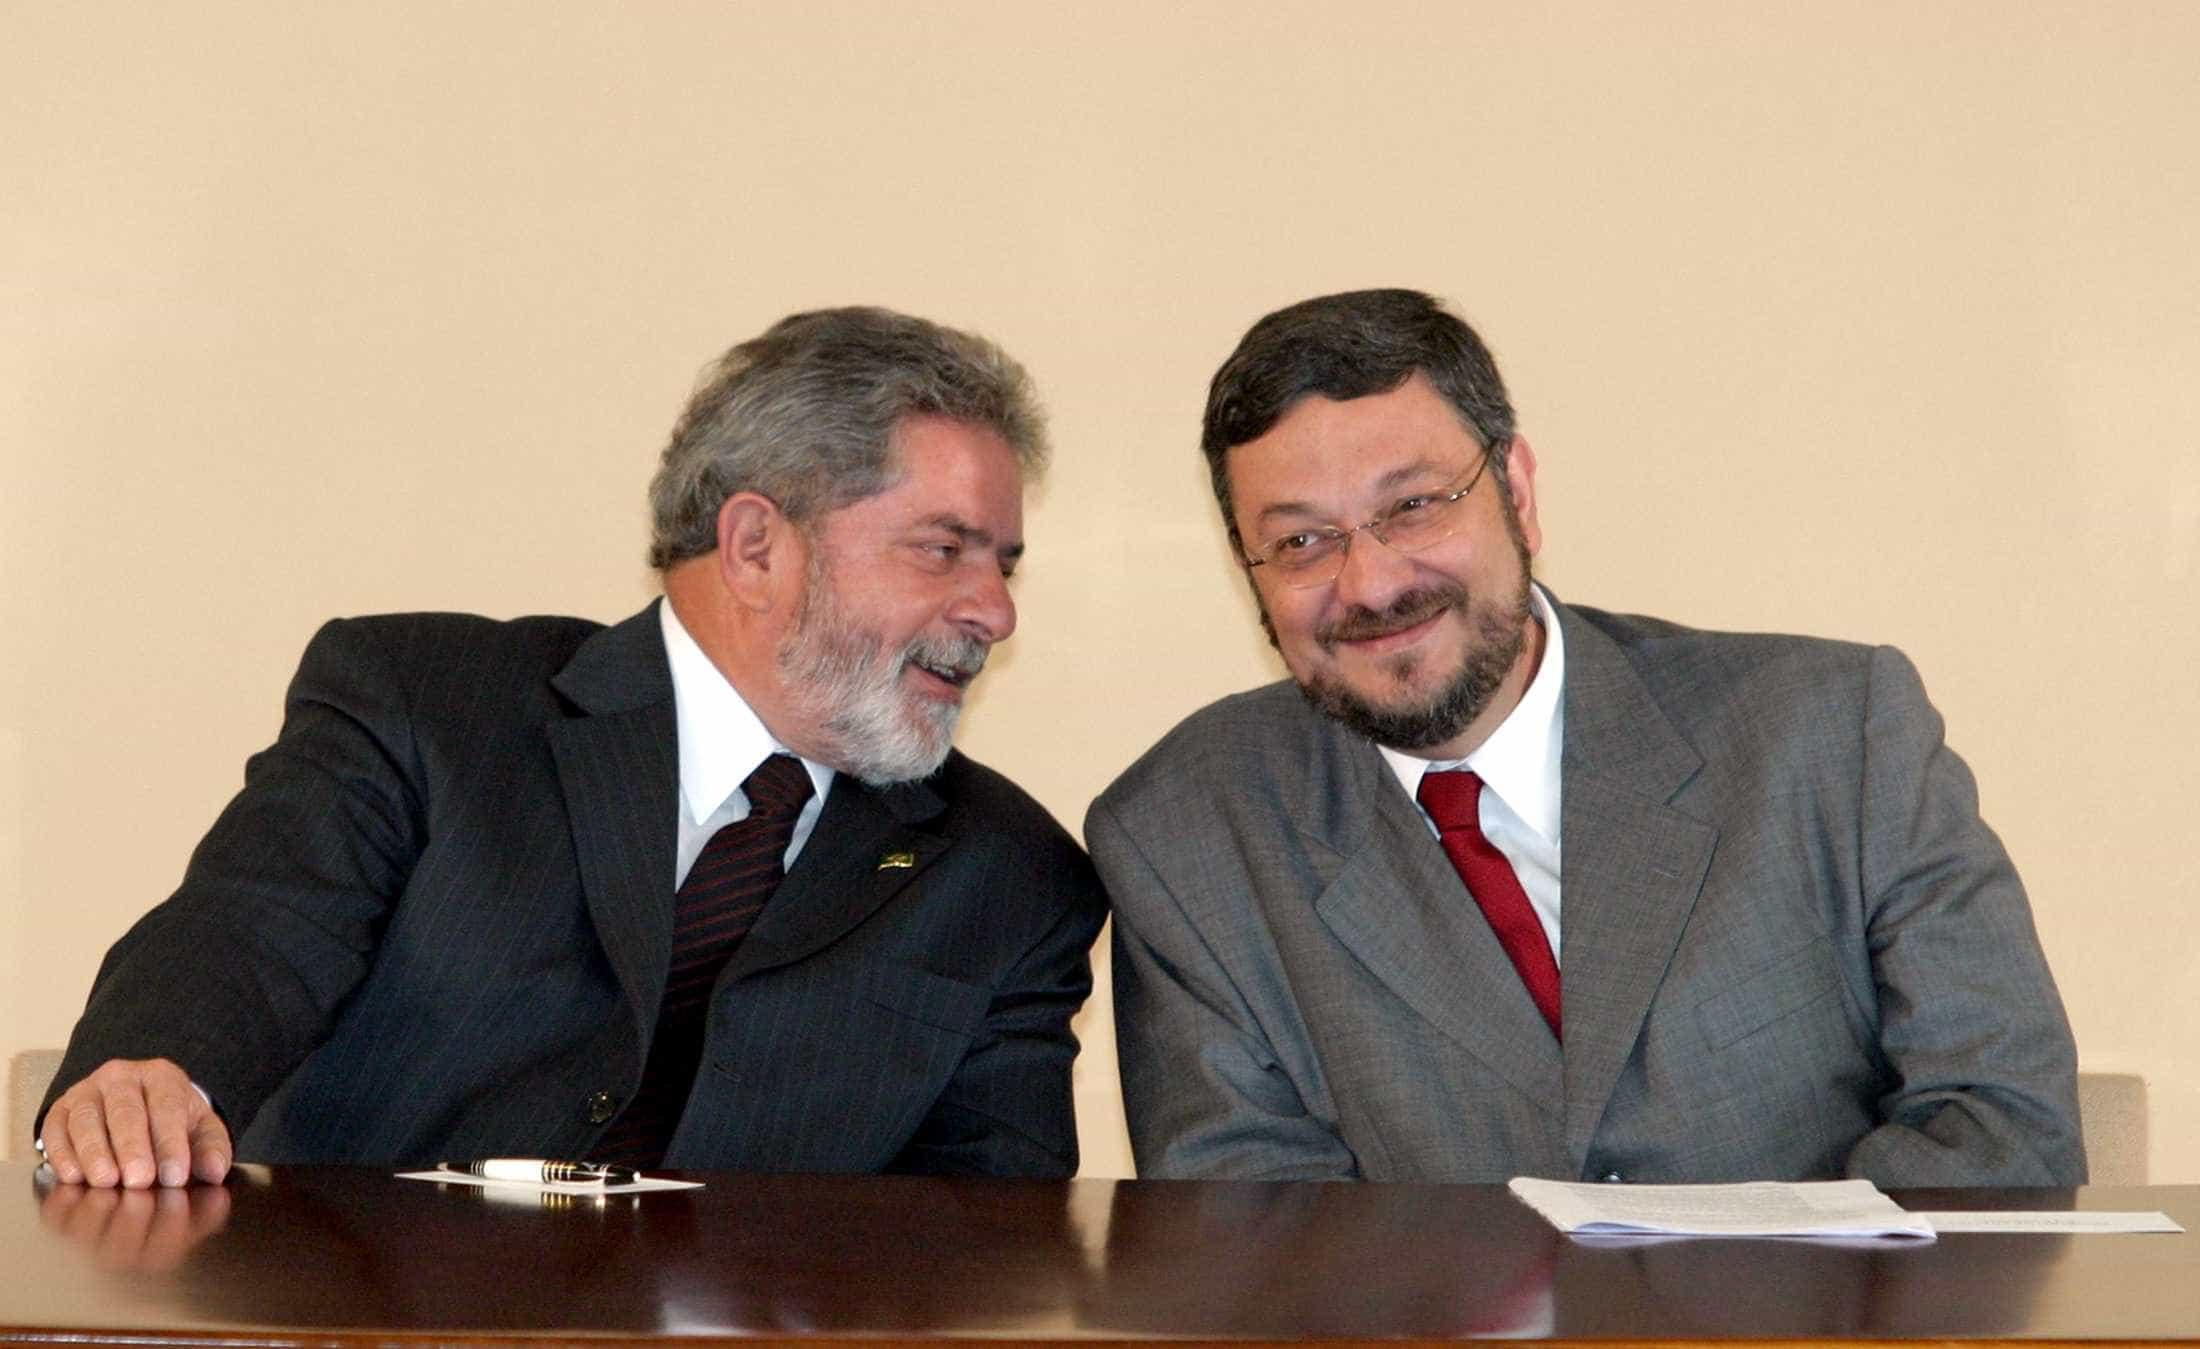 Palocci reafirma que Lula negociou repasses a filho com lobista